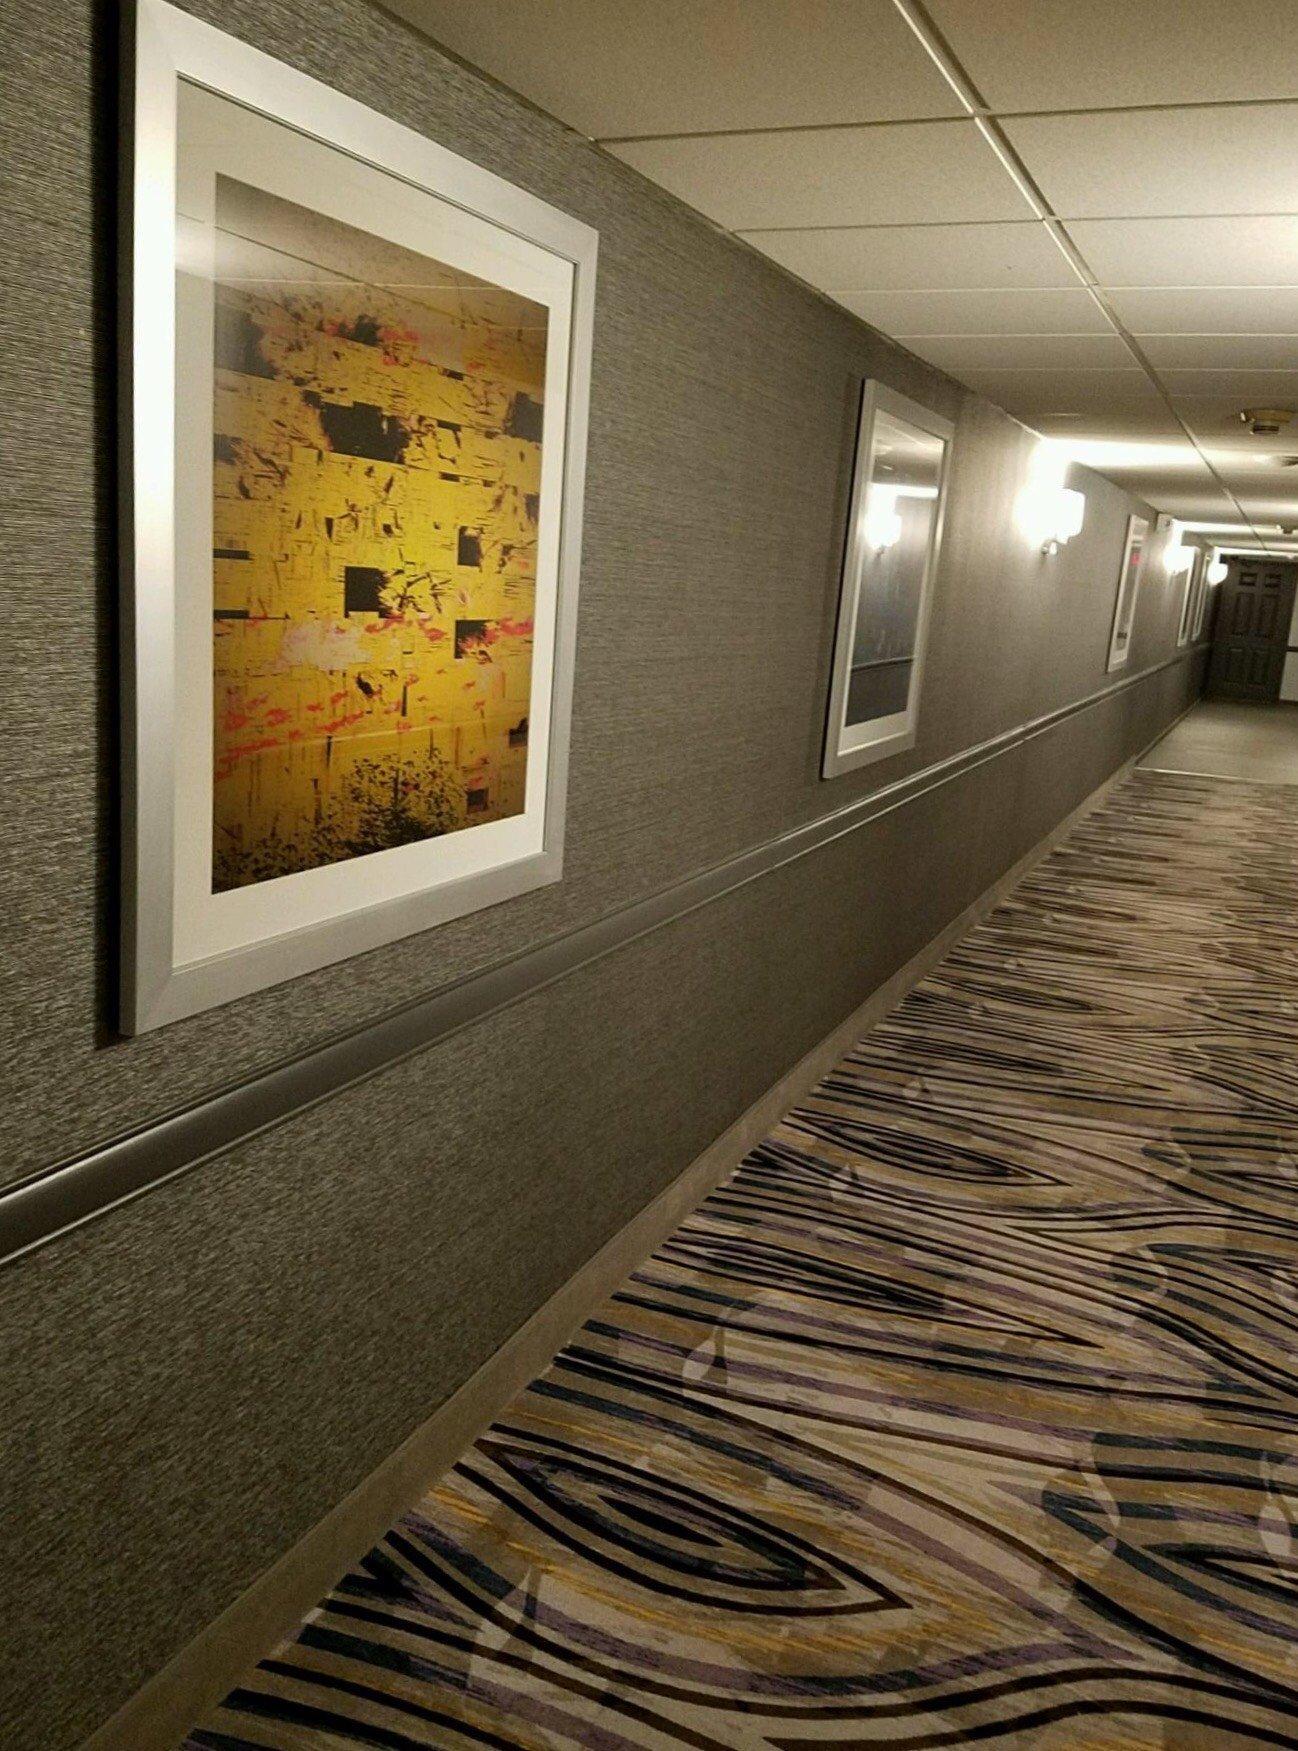 Discount Hotels Buffalo NY